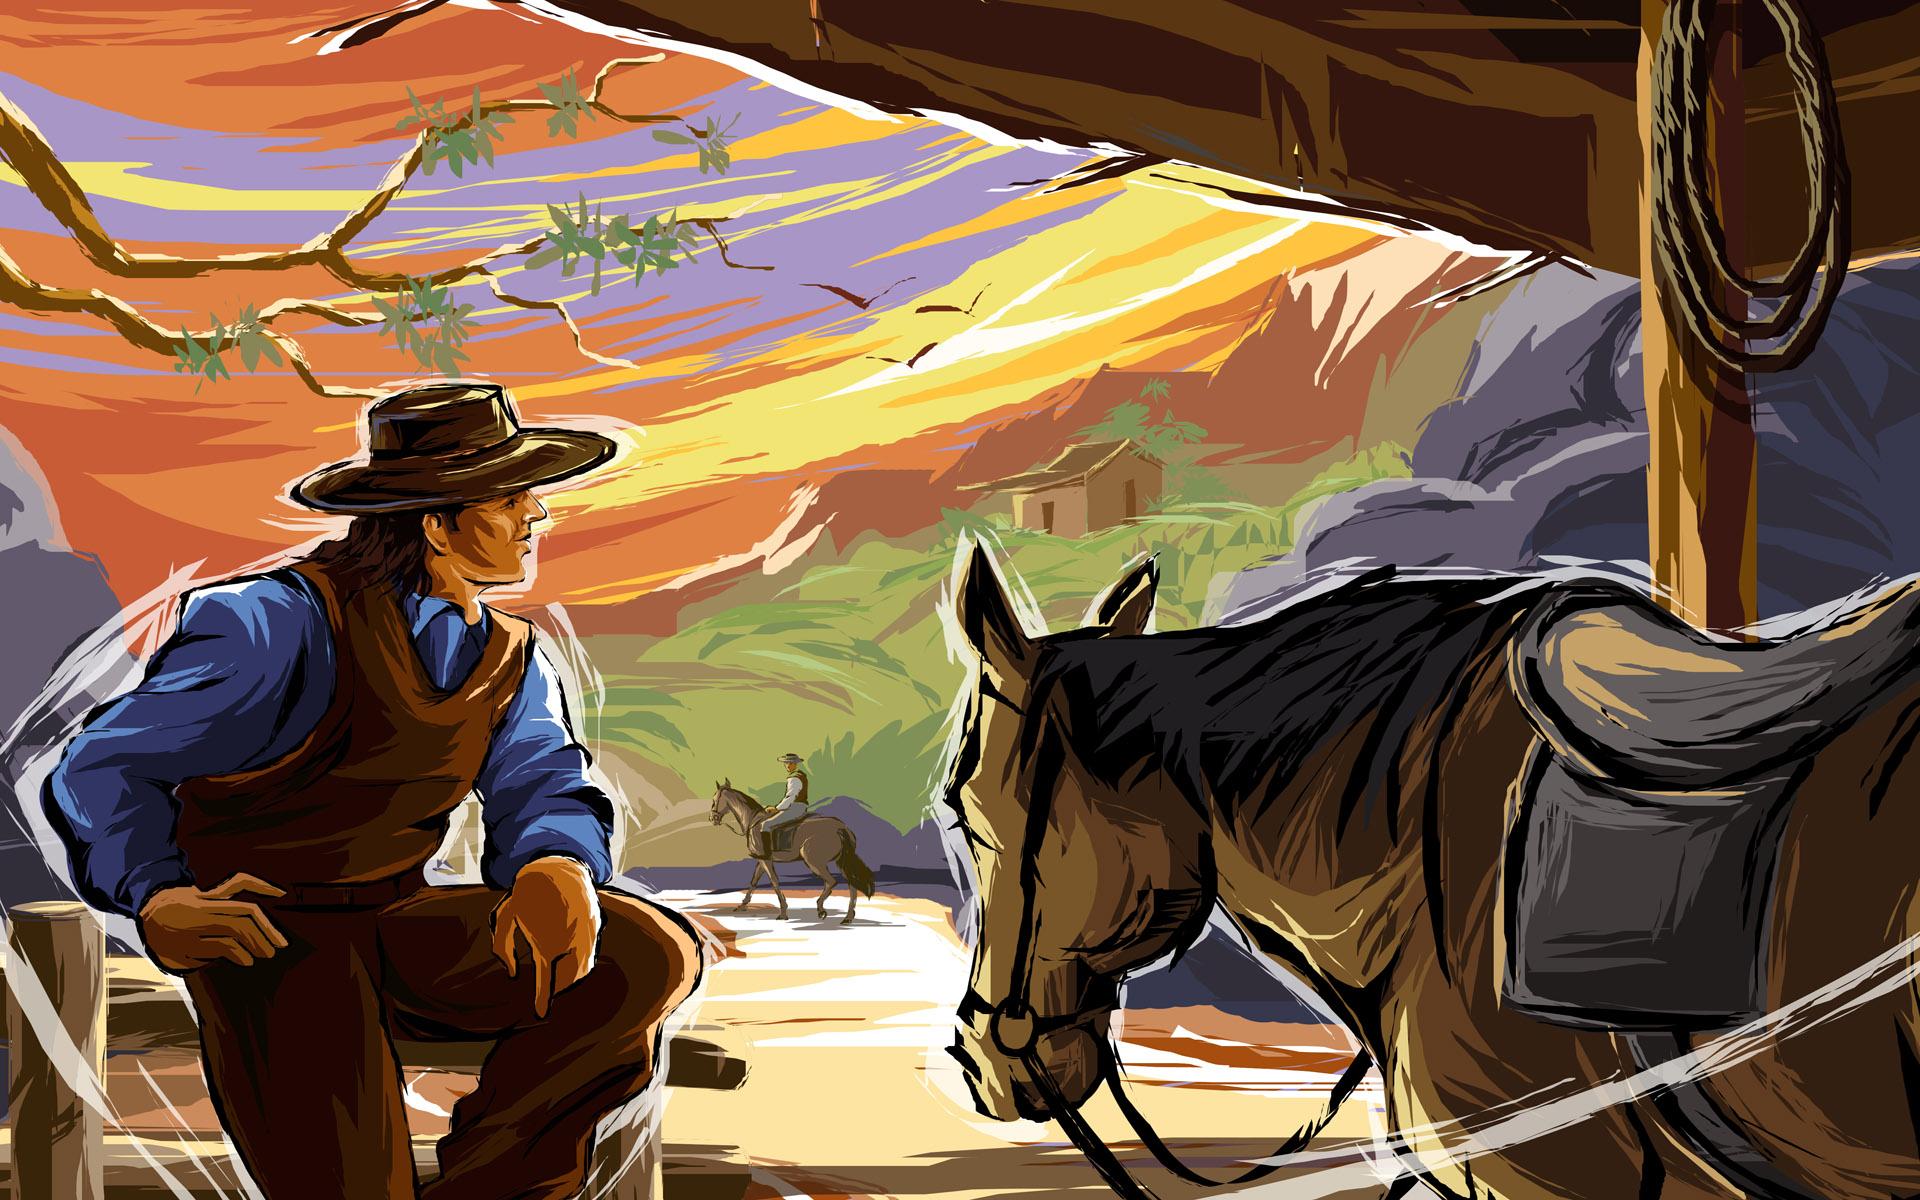 wild west wallpaper - photo #37